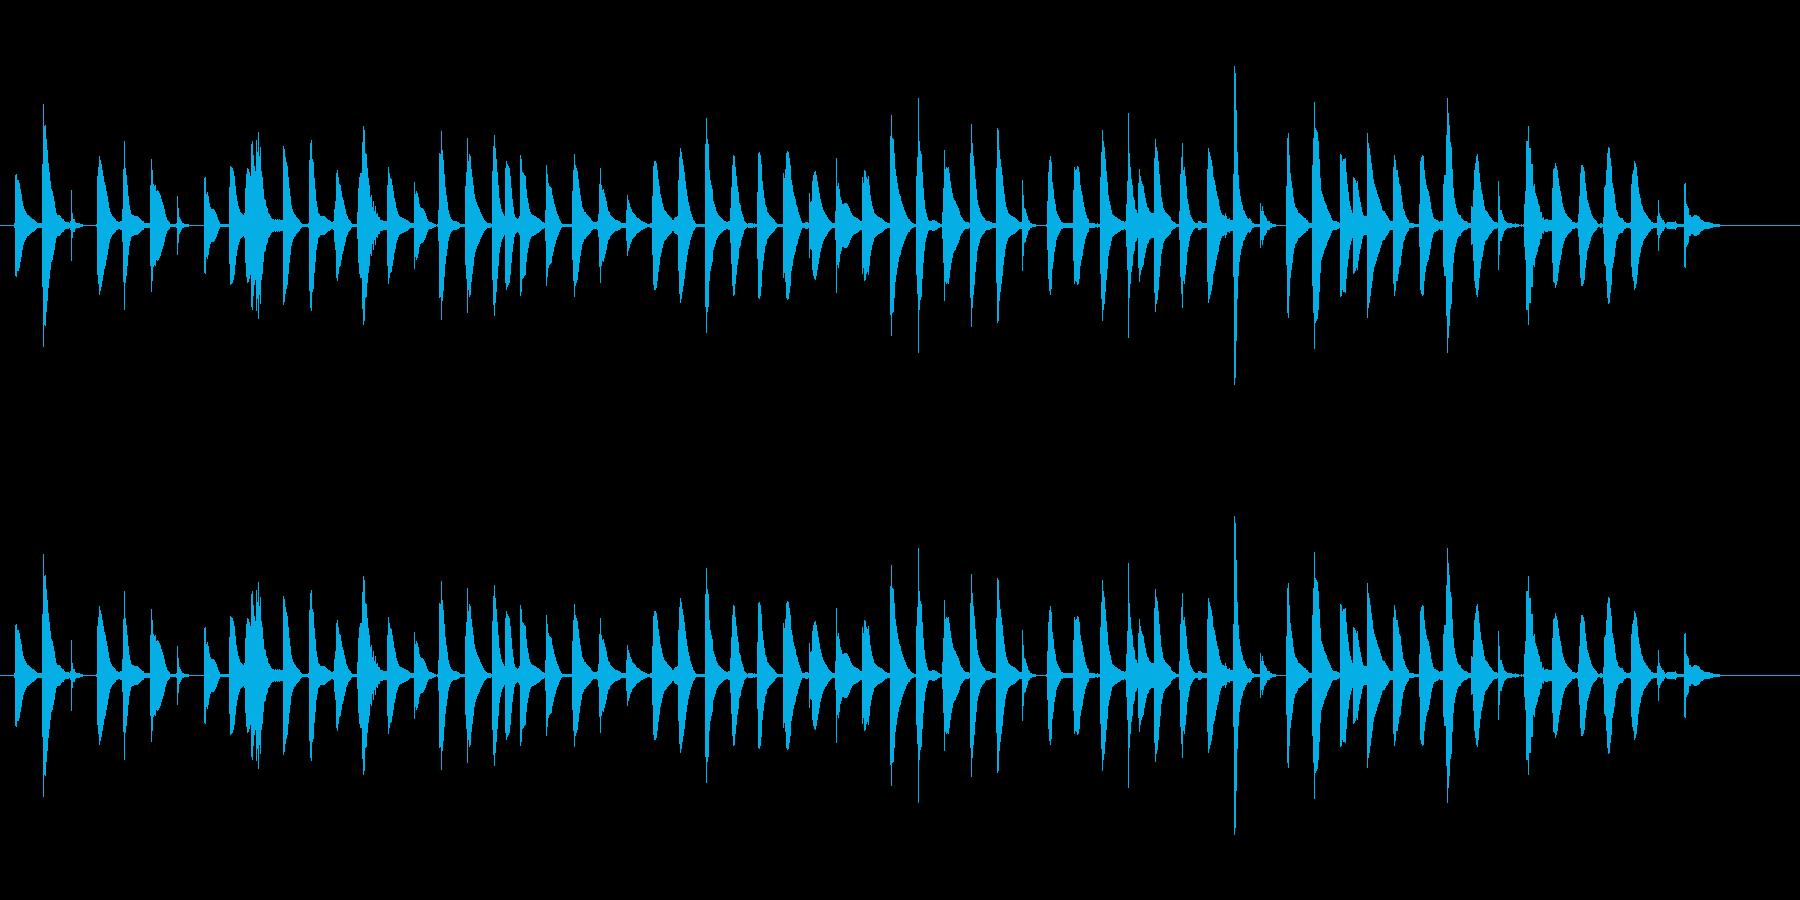 ほのぼの癒し系/バイオリンとビブラフォンの再生済みの波形